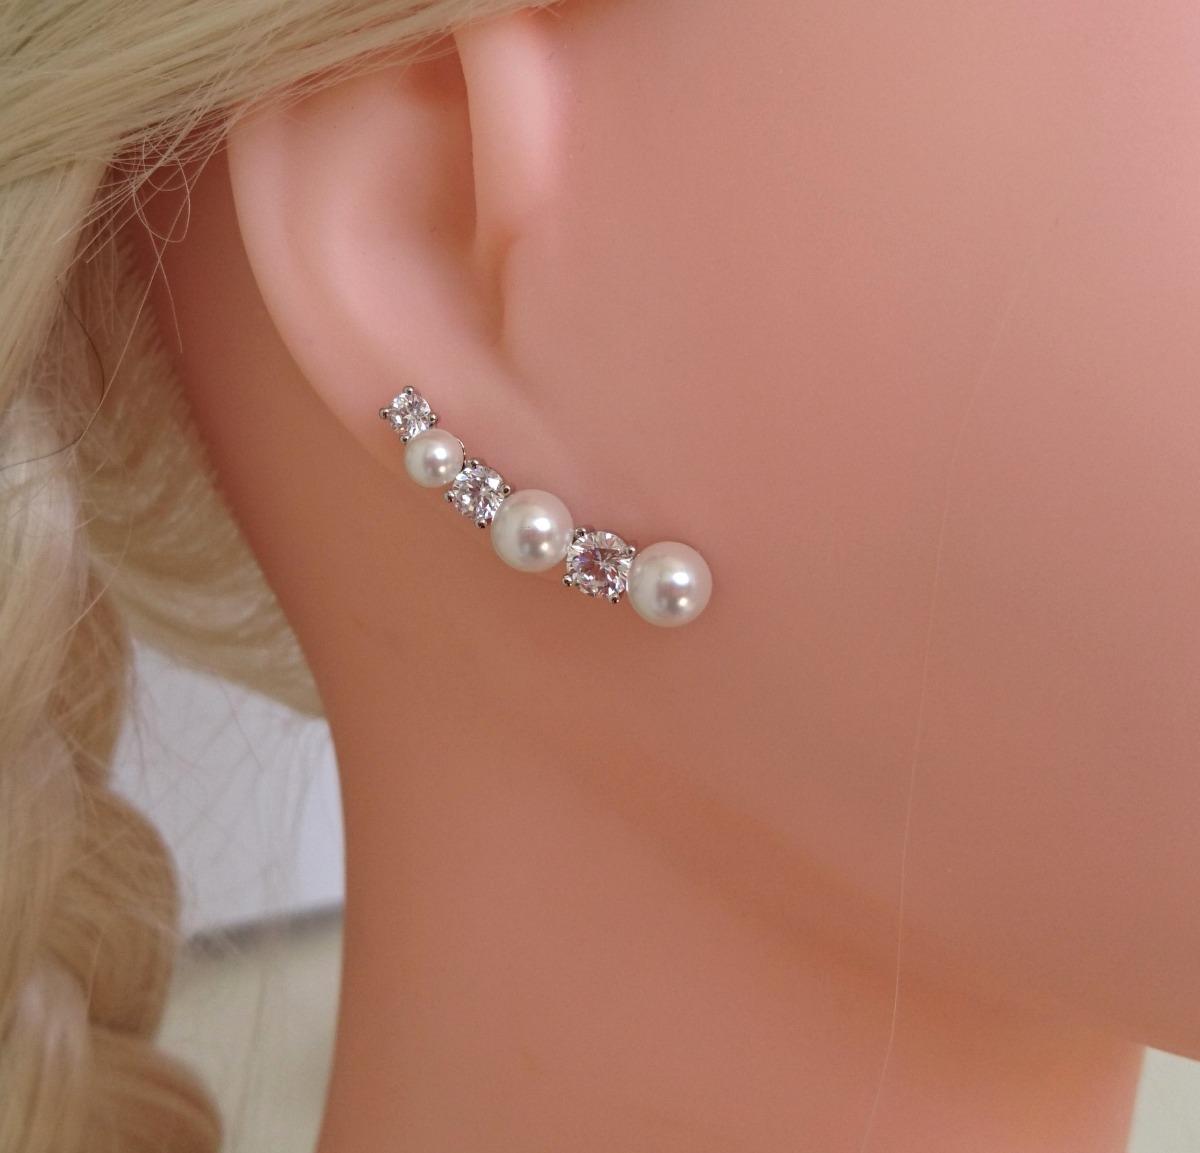 98cb9ed9bc518 brinco feminino ear cuff pedra zirconia e pérola semi jóia. Carregando zoom.